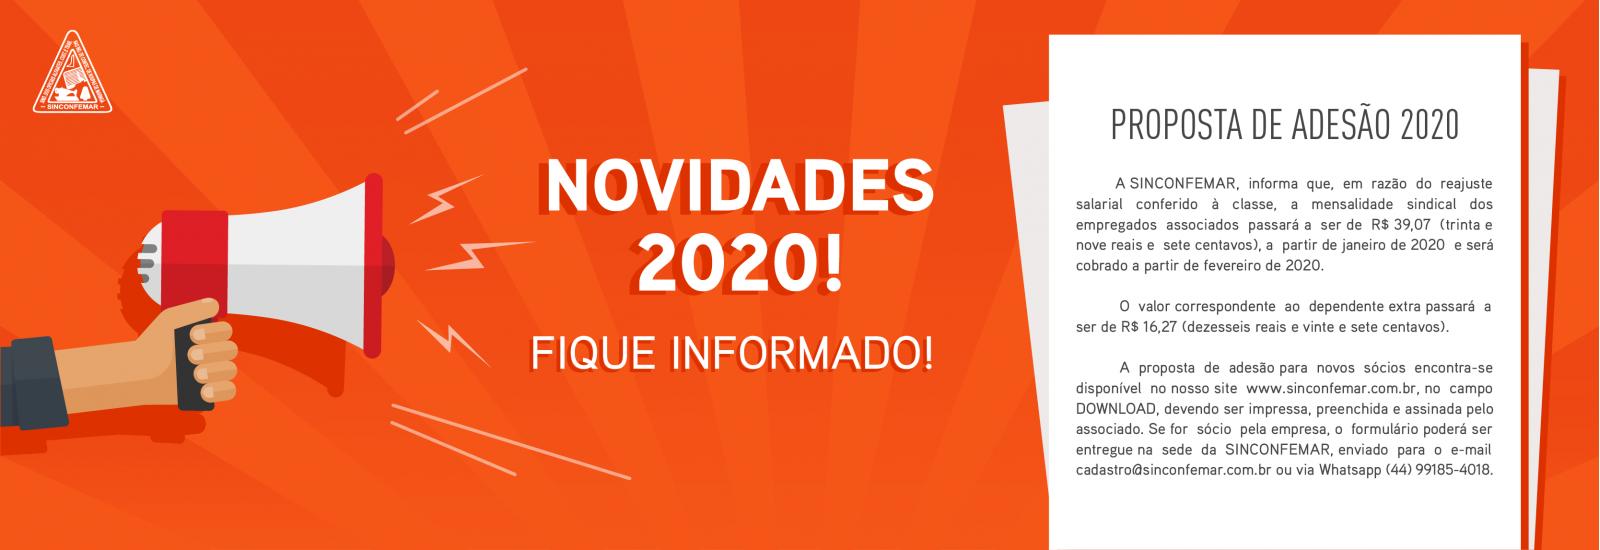 Proposta de adesão 2020